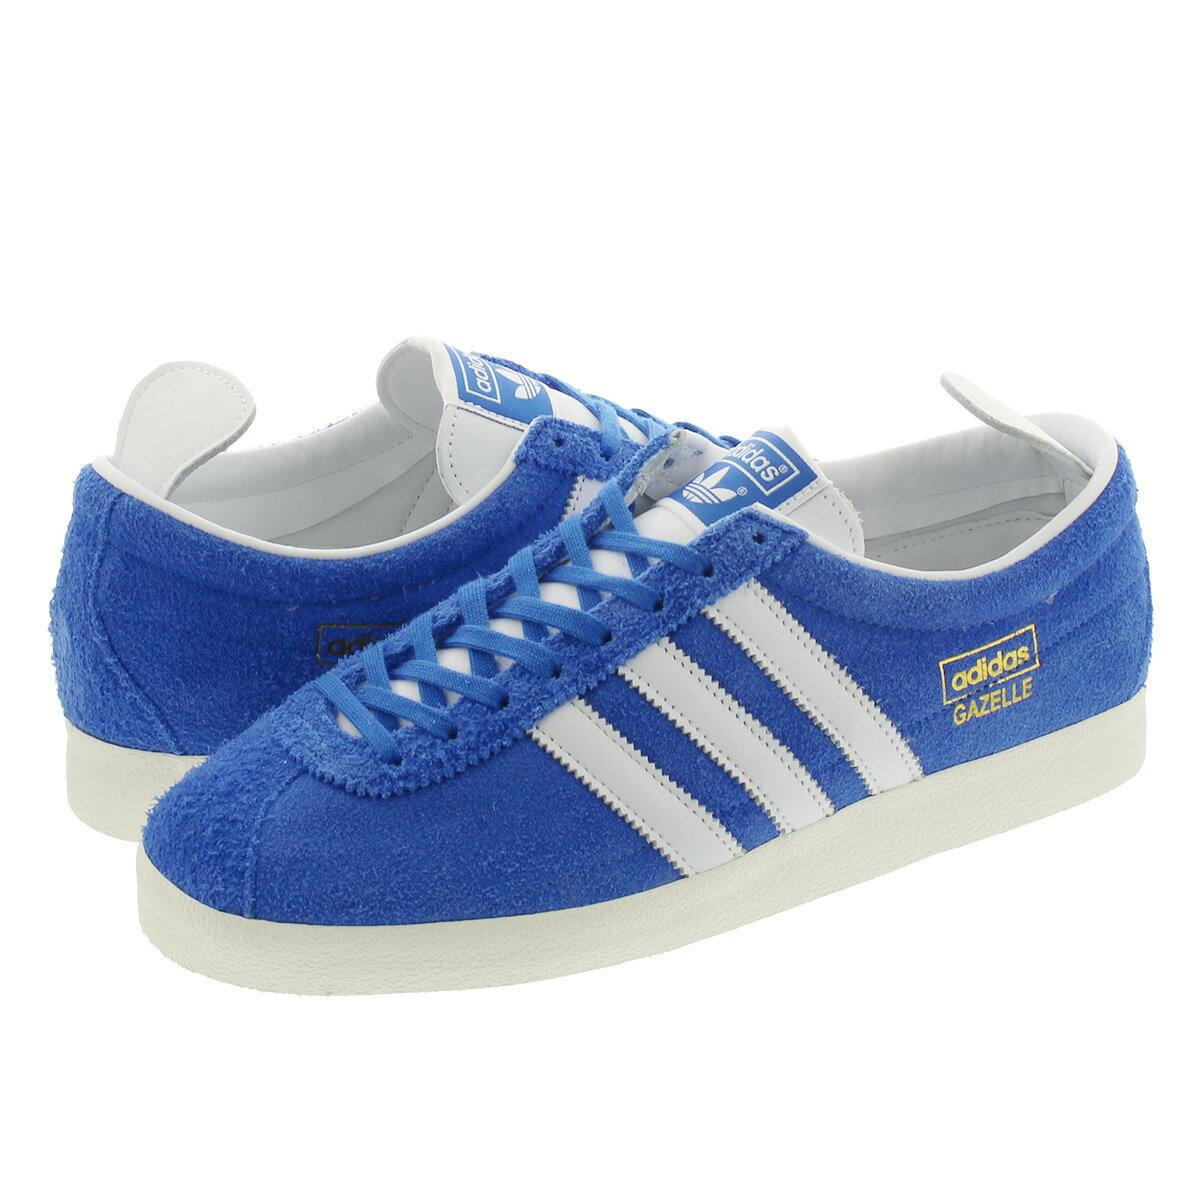 メンズ靴, スニーカー adidas GAZELLE VINTAGE BLUEFTWR WHITEGOLD METALLIC fu9656